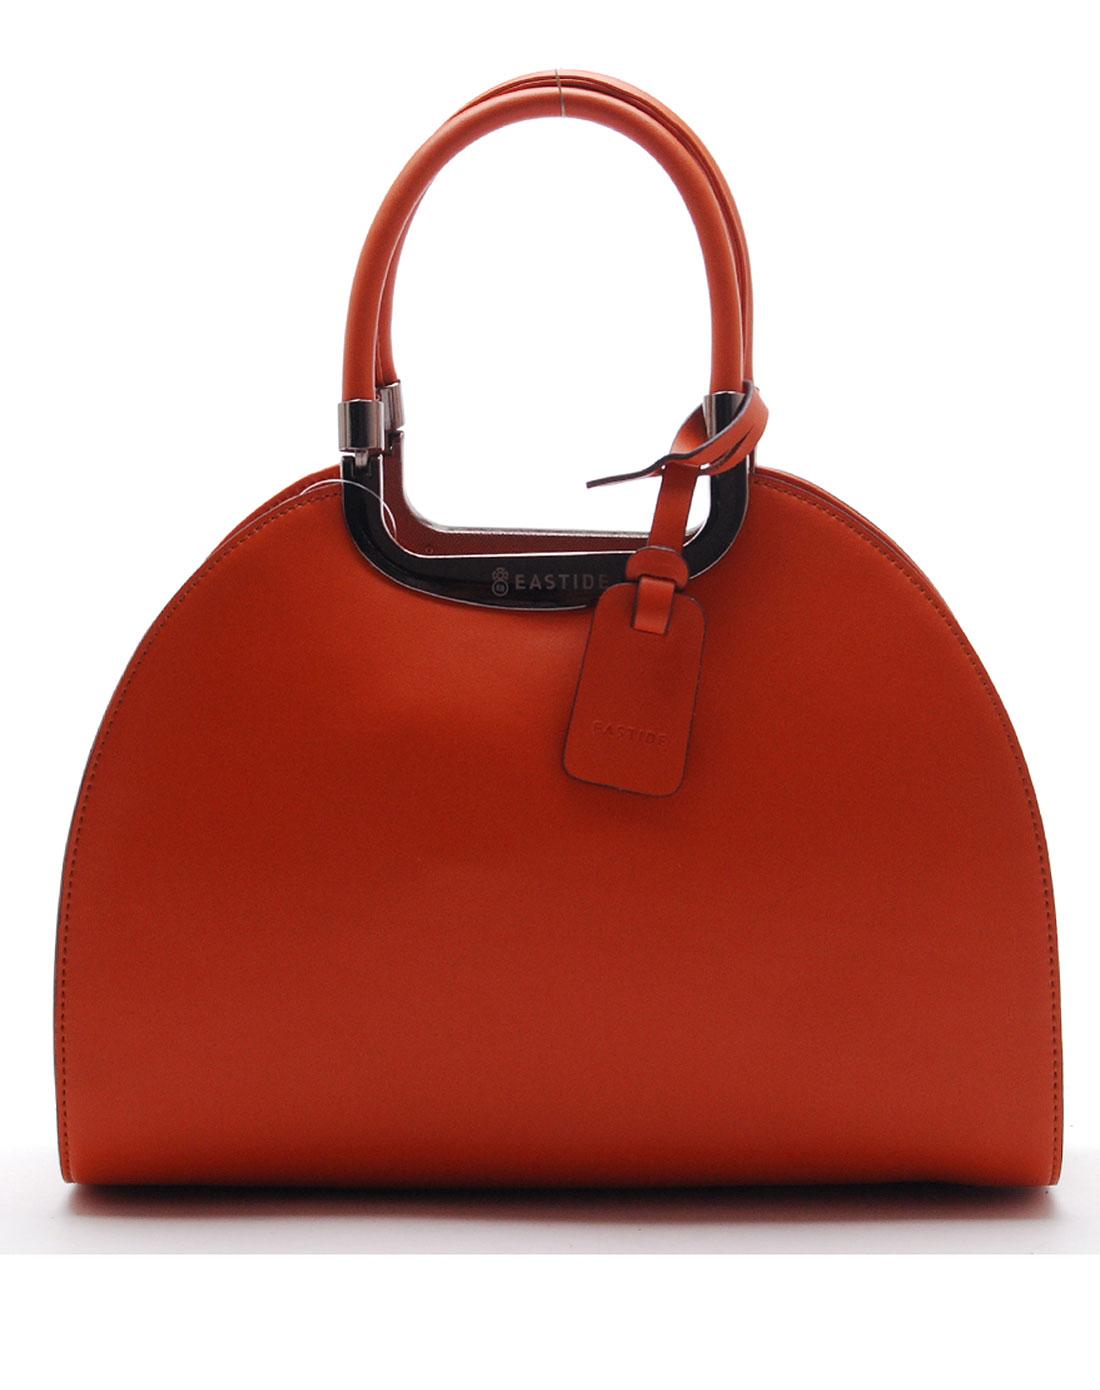 简约半圆形橙色手提包